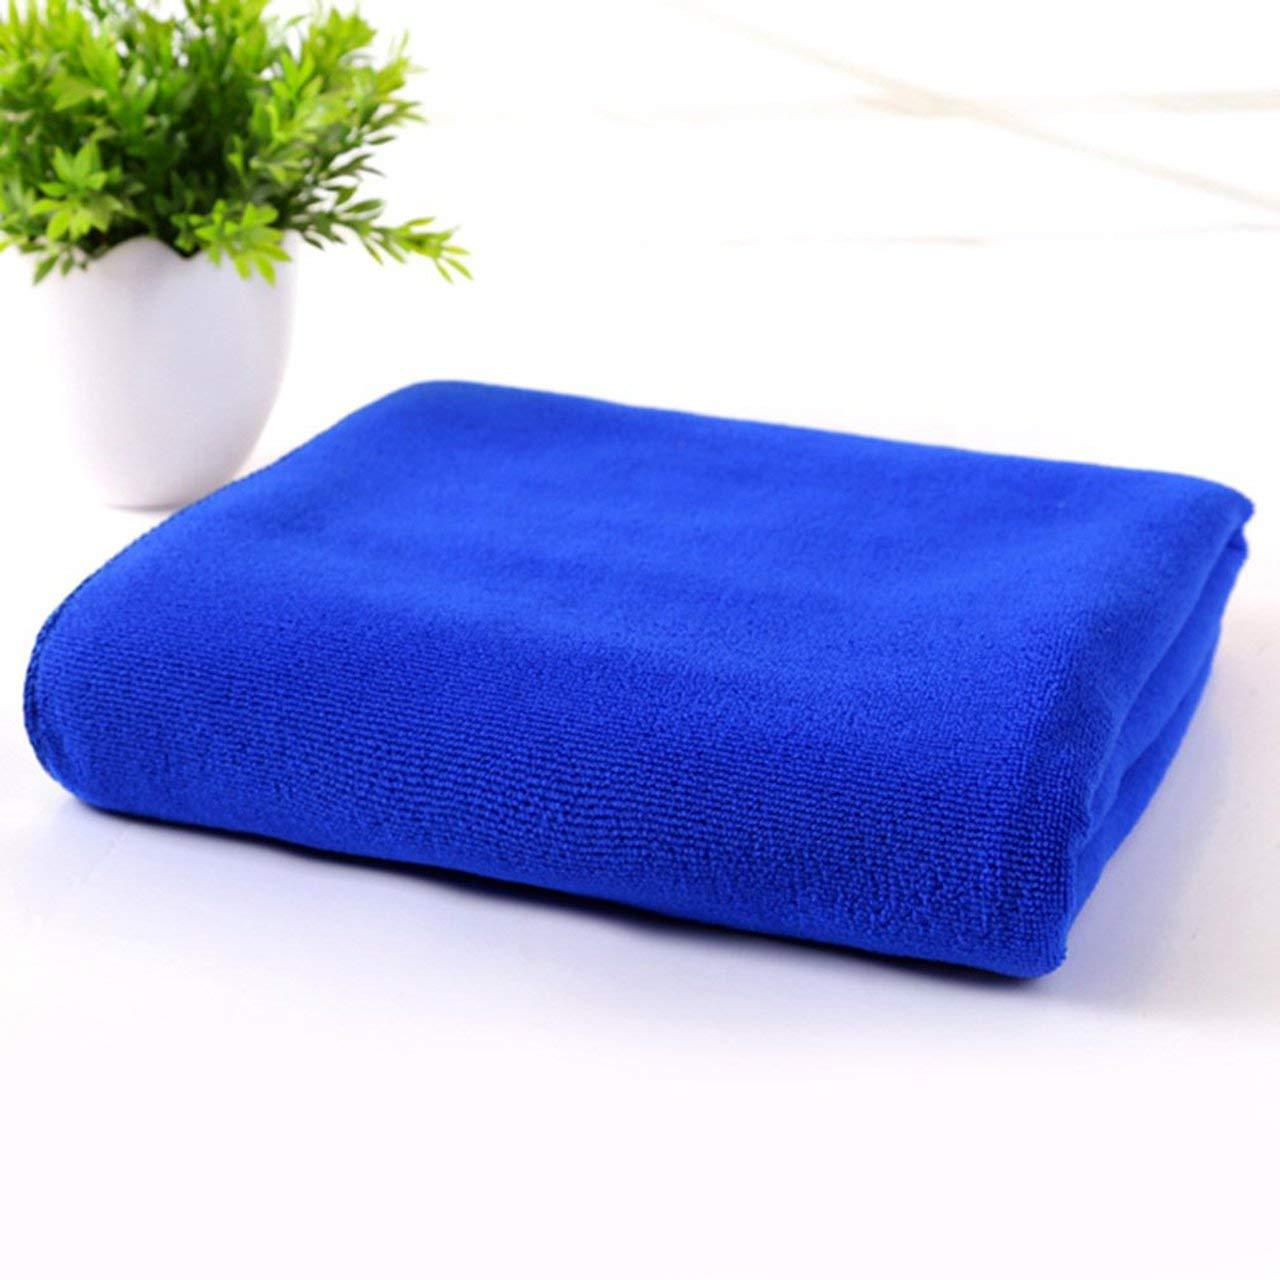 Blu Reale ITjasnyfall Jasnyfall Asciugamano Multifunzione in Microfibra Assorbente Veloce Asciugamano da Spiaggia Asciugamano per Bagno Costumi da Bagno Asciugamano Asciugamani per Il Fitness Sport